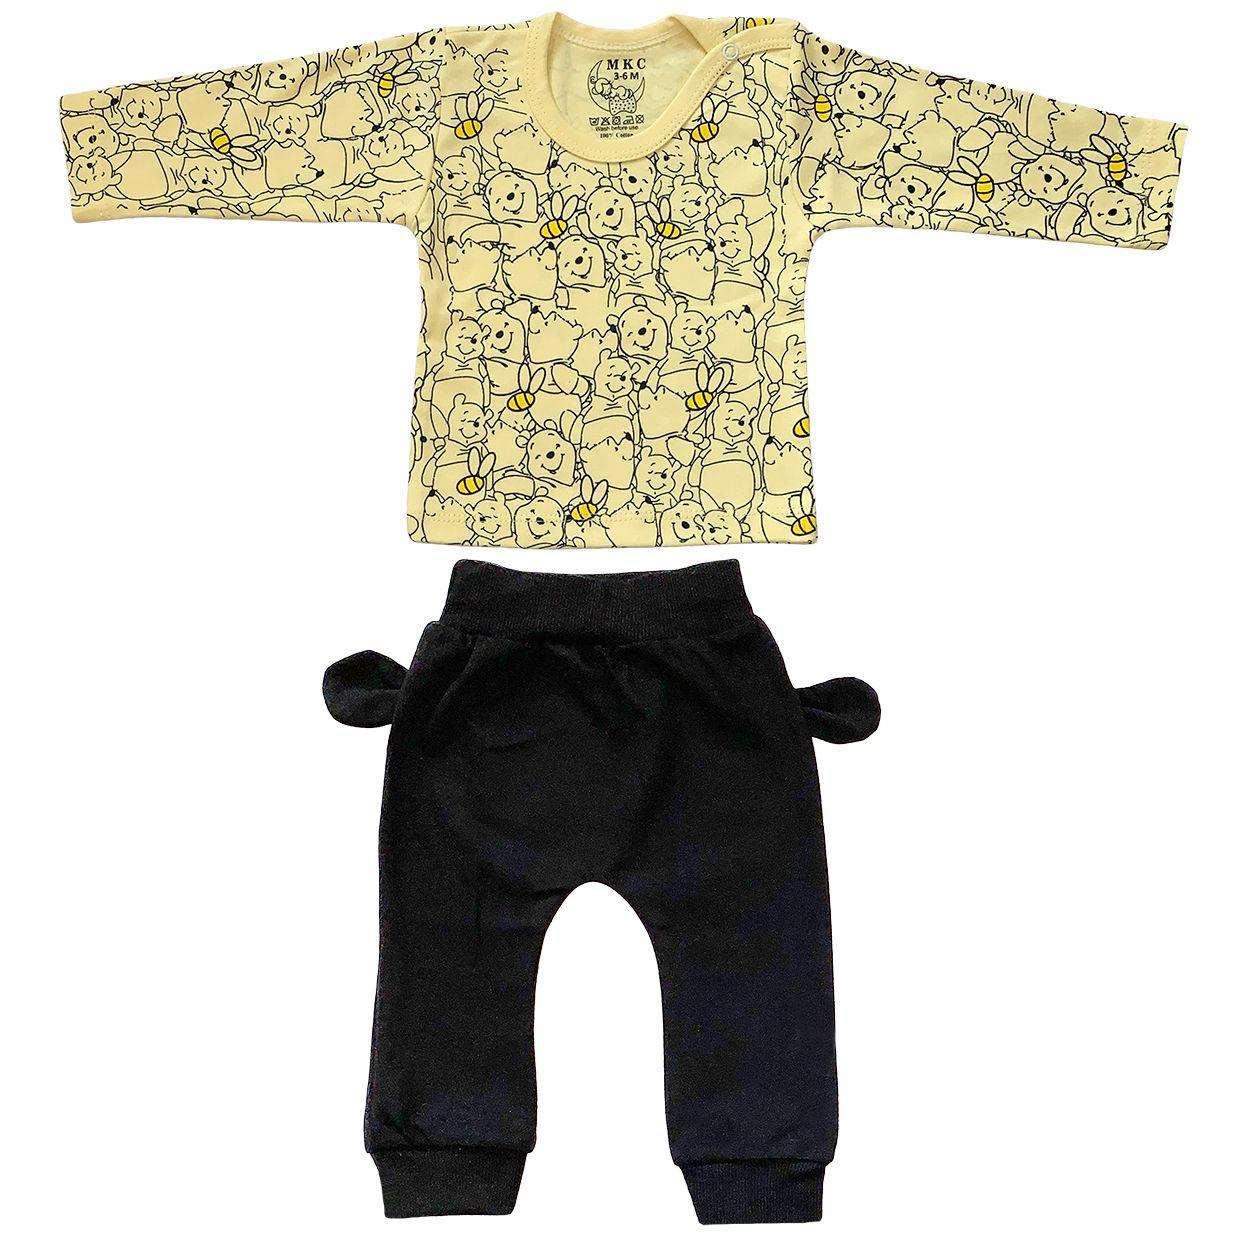 ست تی شرت و شلوار نوزادی طرح پو کد FF-084  -  - 3